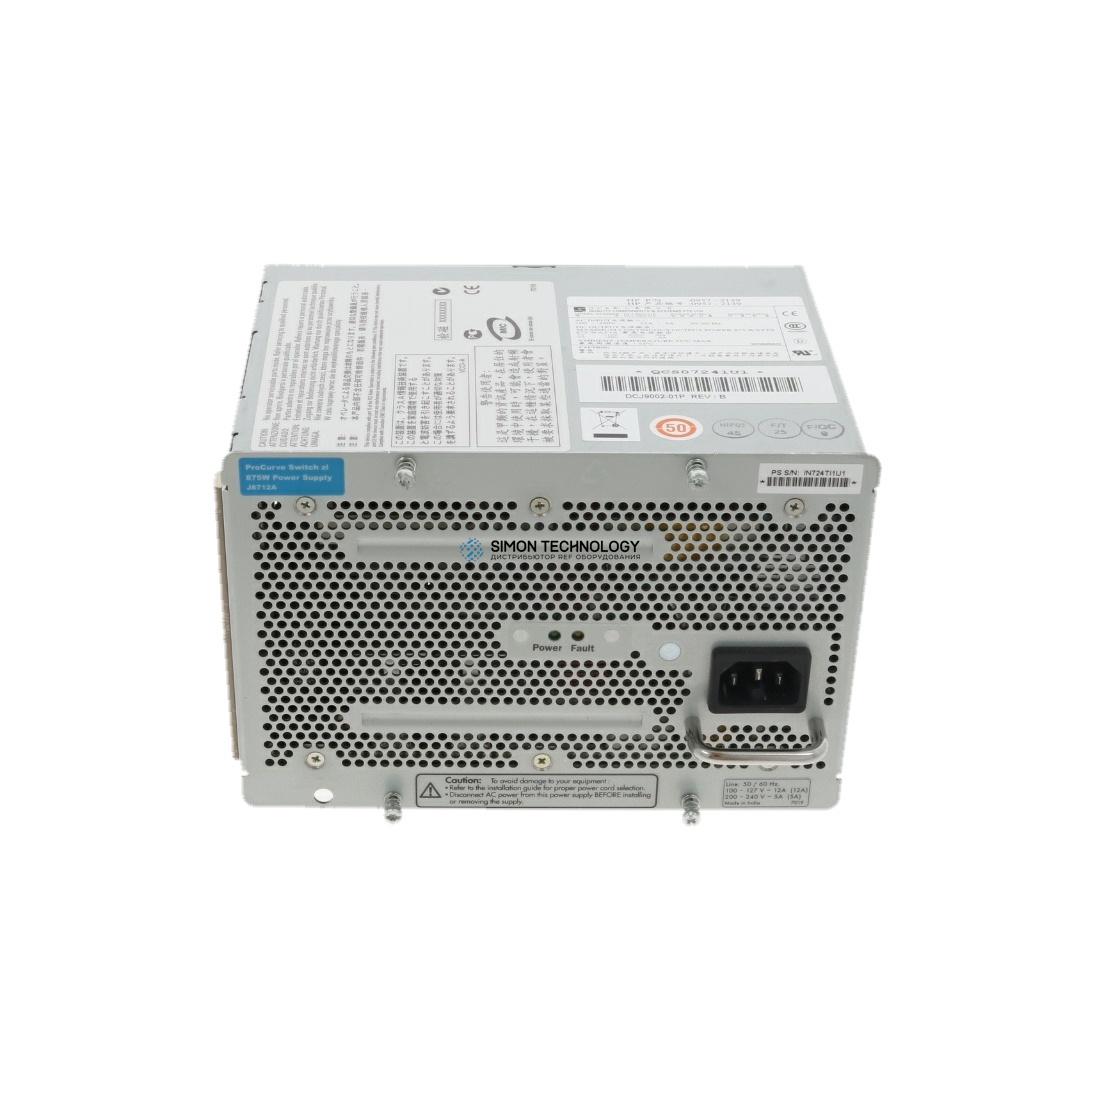 Блок питания HPE 875W zl Power Supply (J8712-61001)